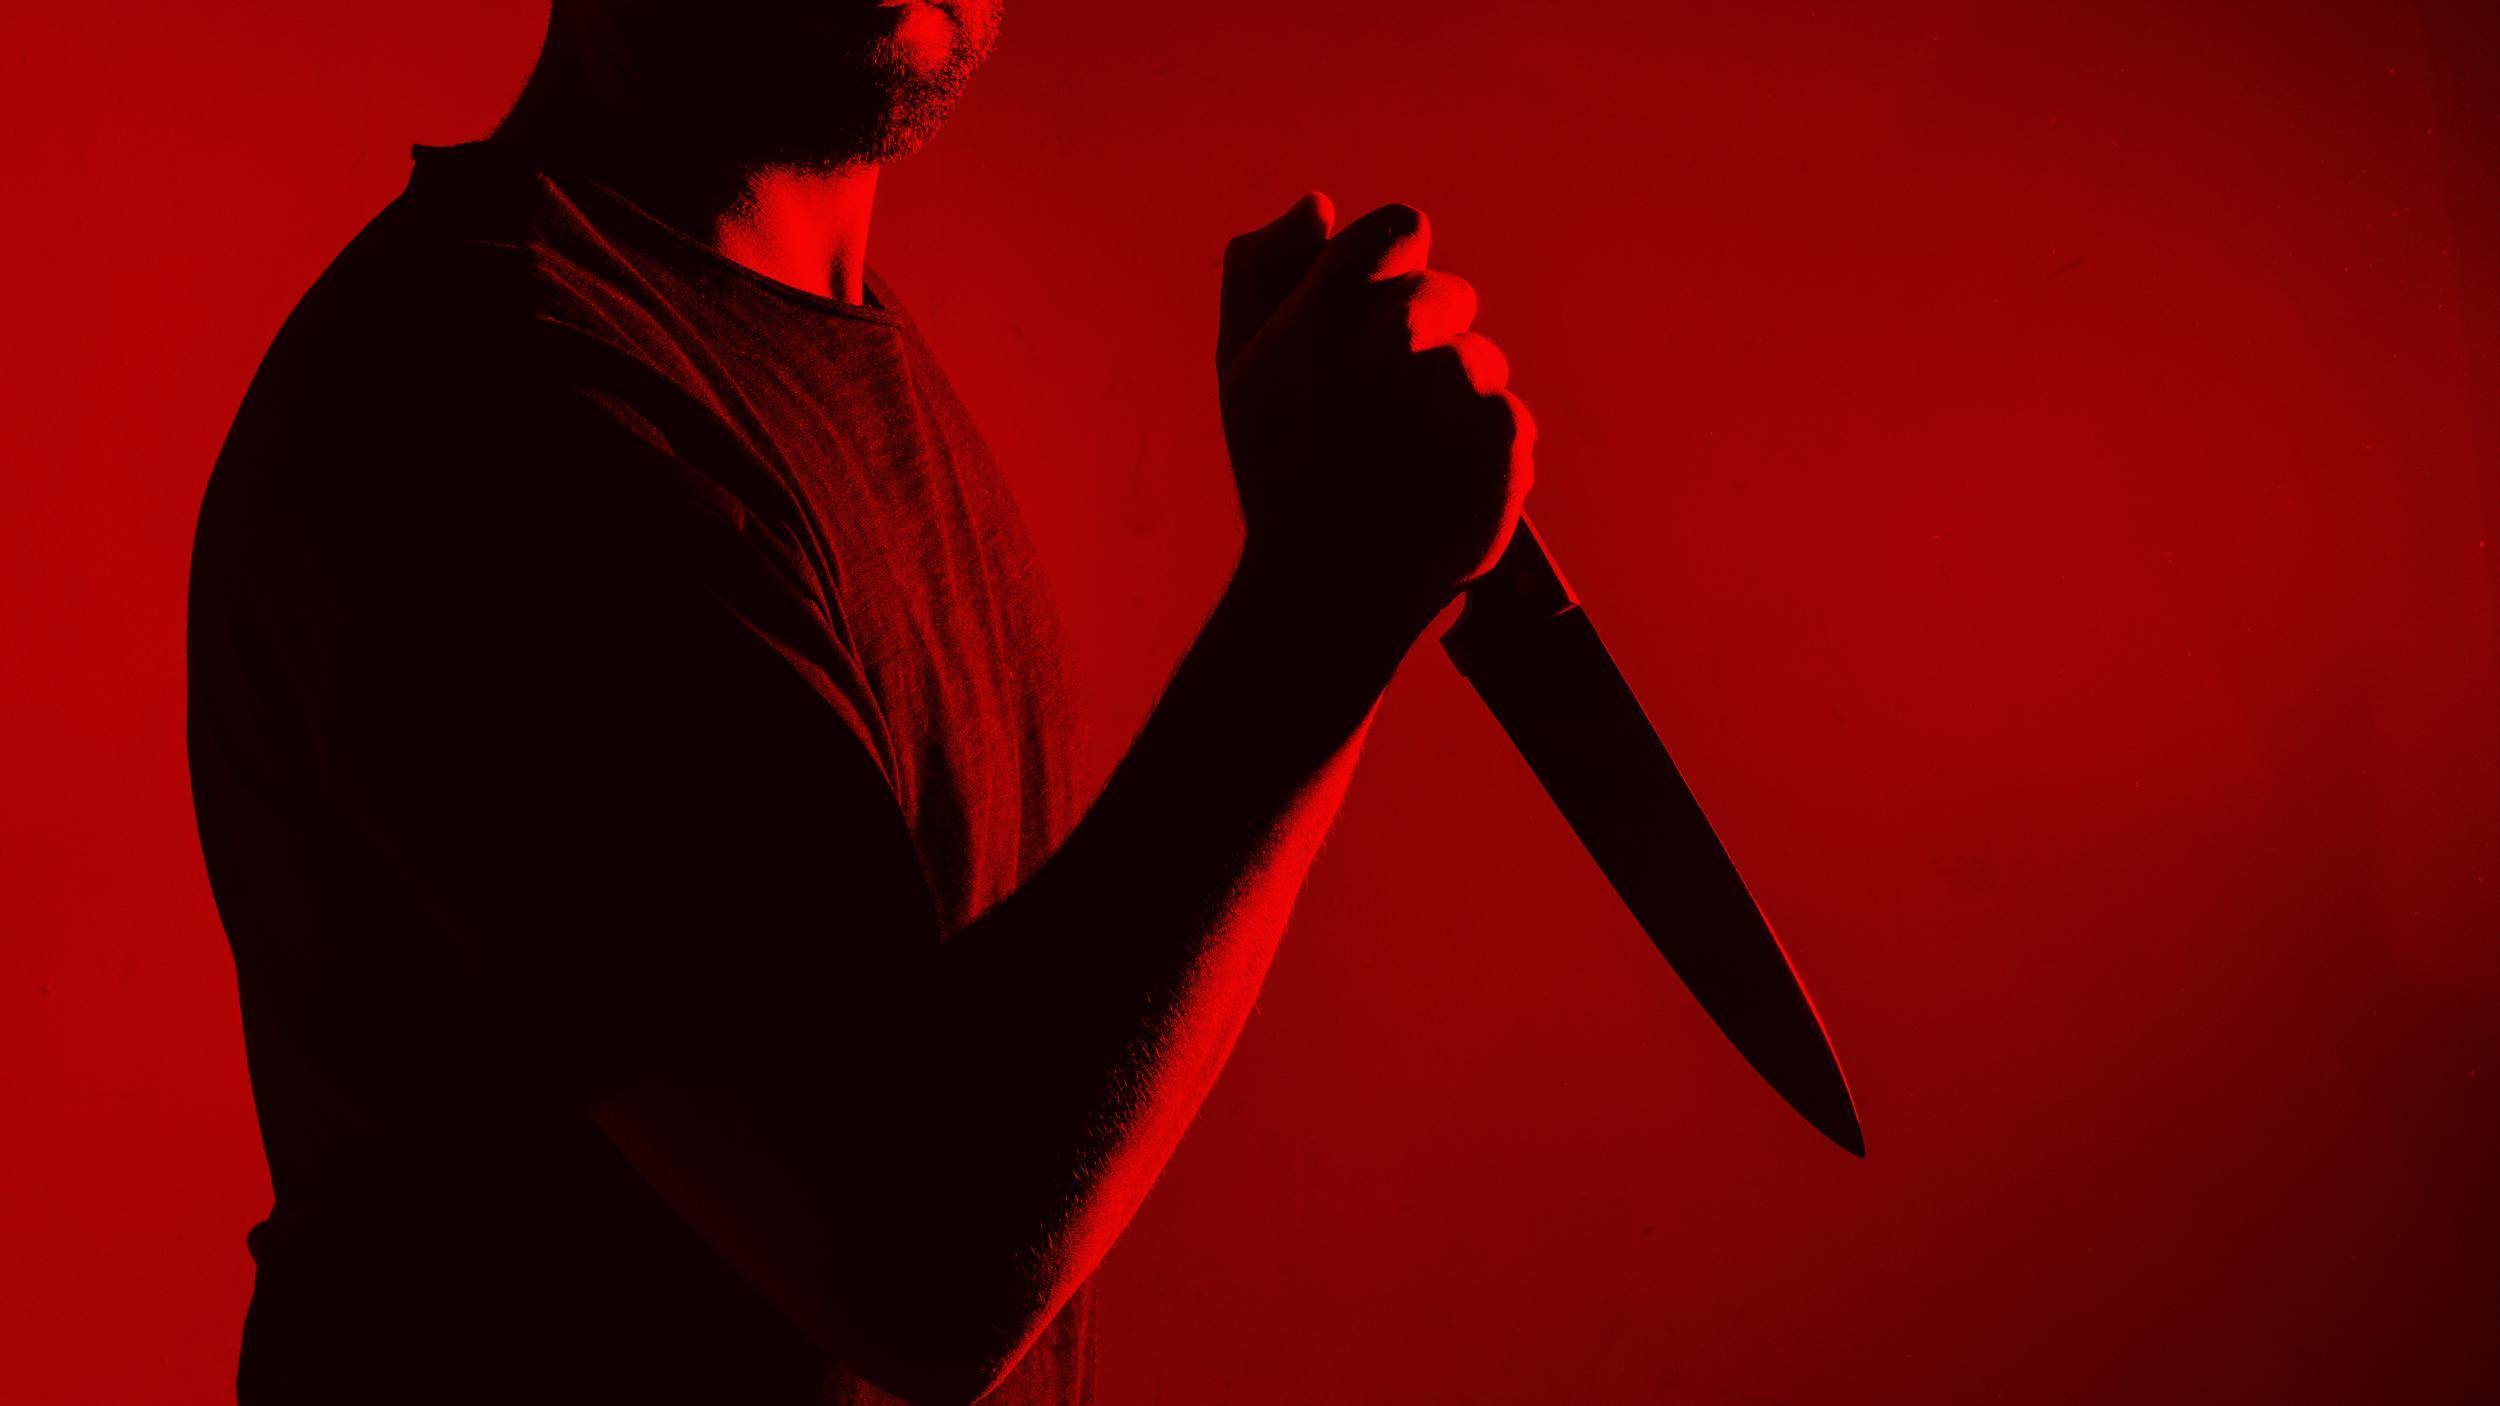 Тяжело ранившего ножом случайную прохожую суд отпустил домой. И он сразу зарезал сожительницу